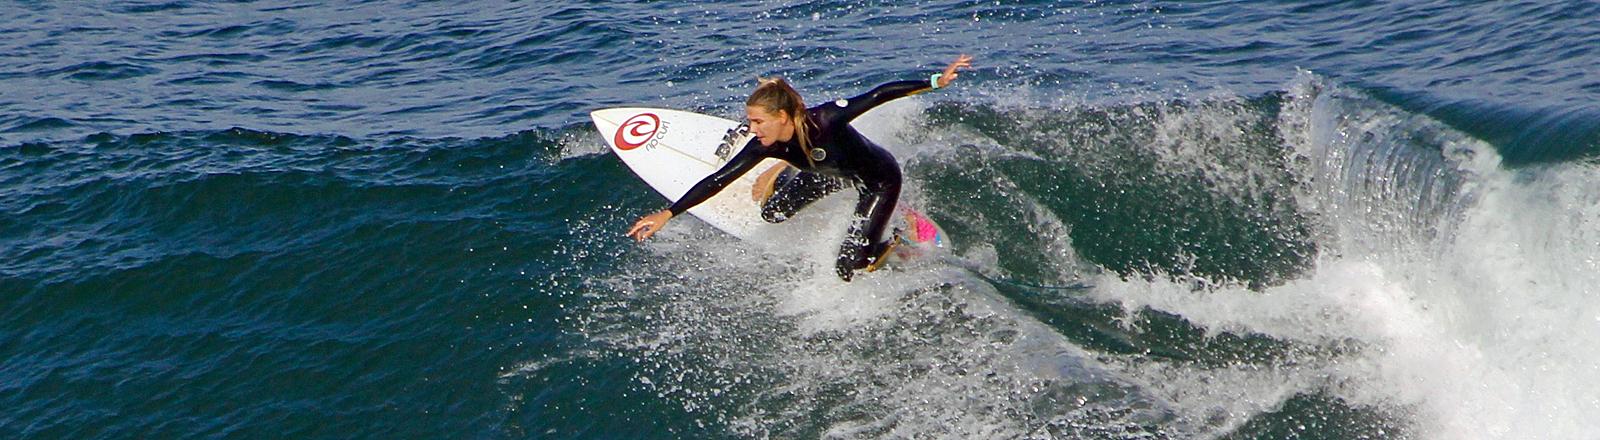 Die Surferin Valeska Schneider